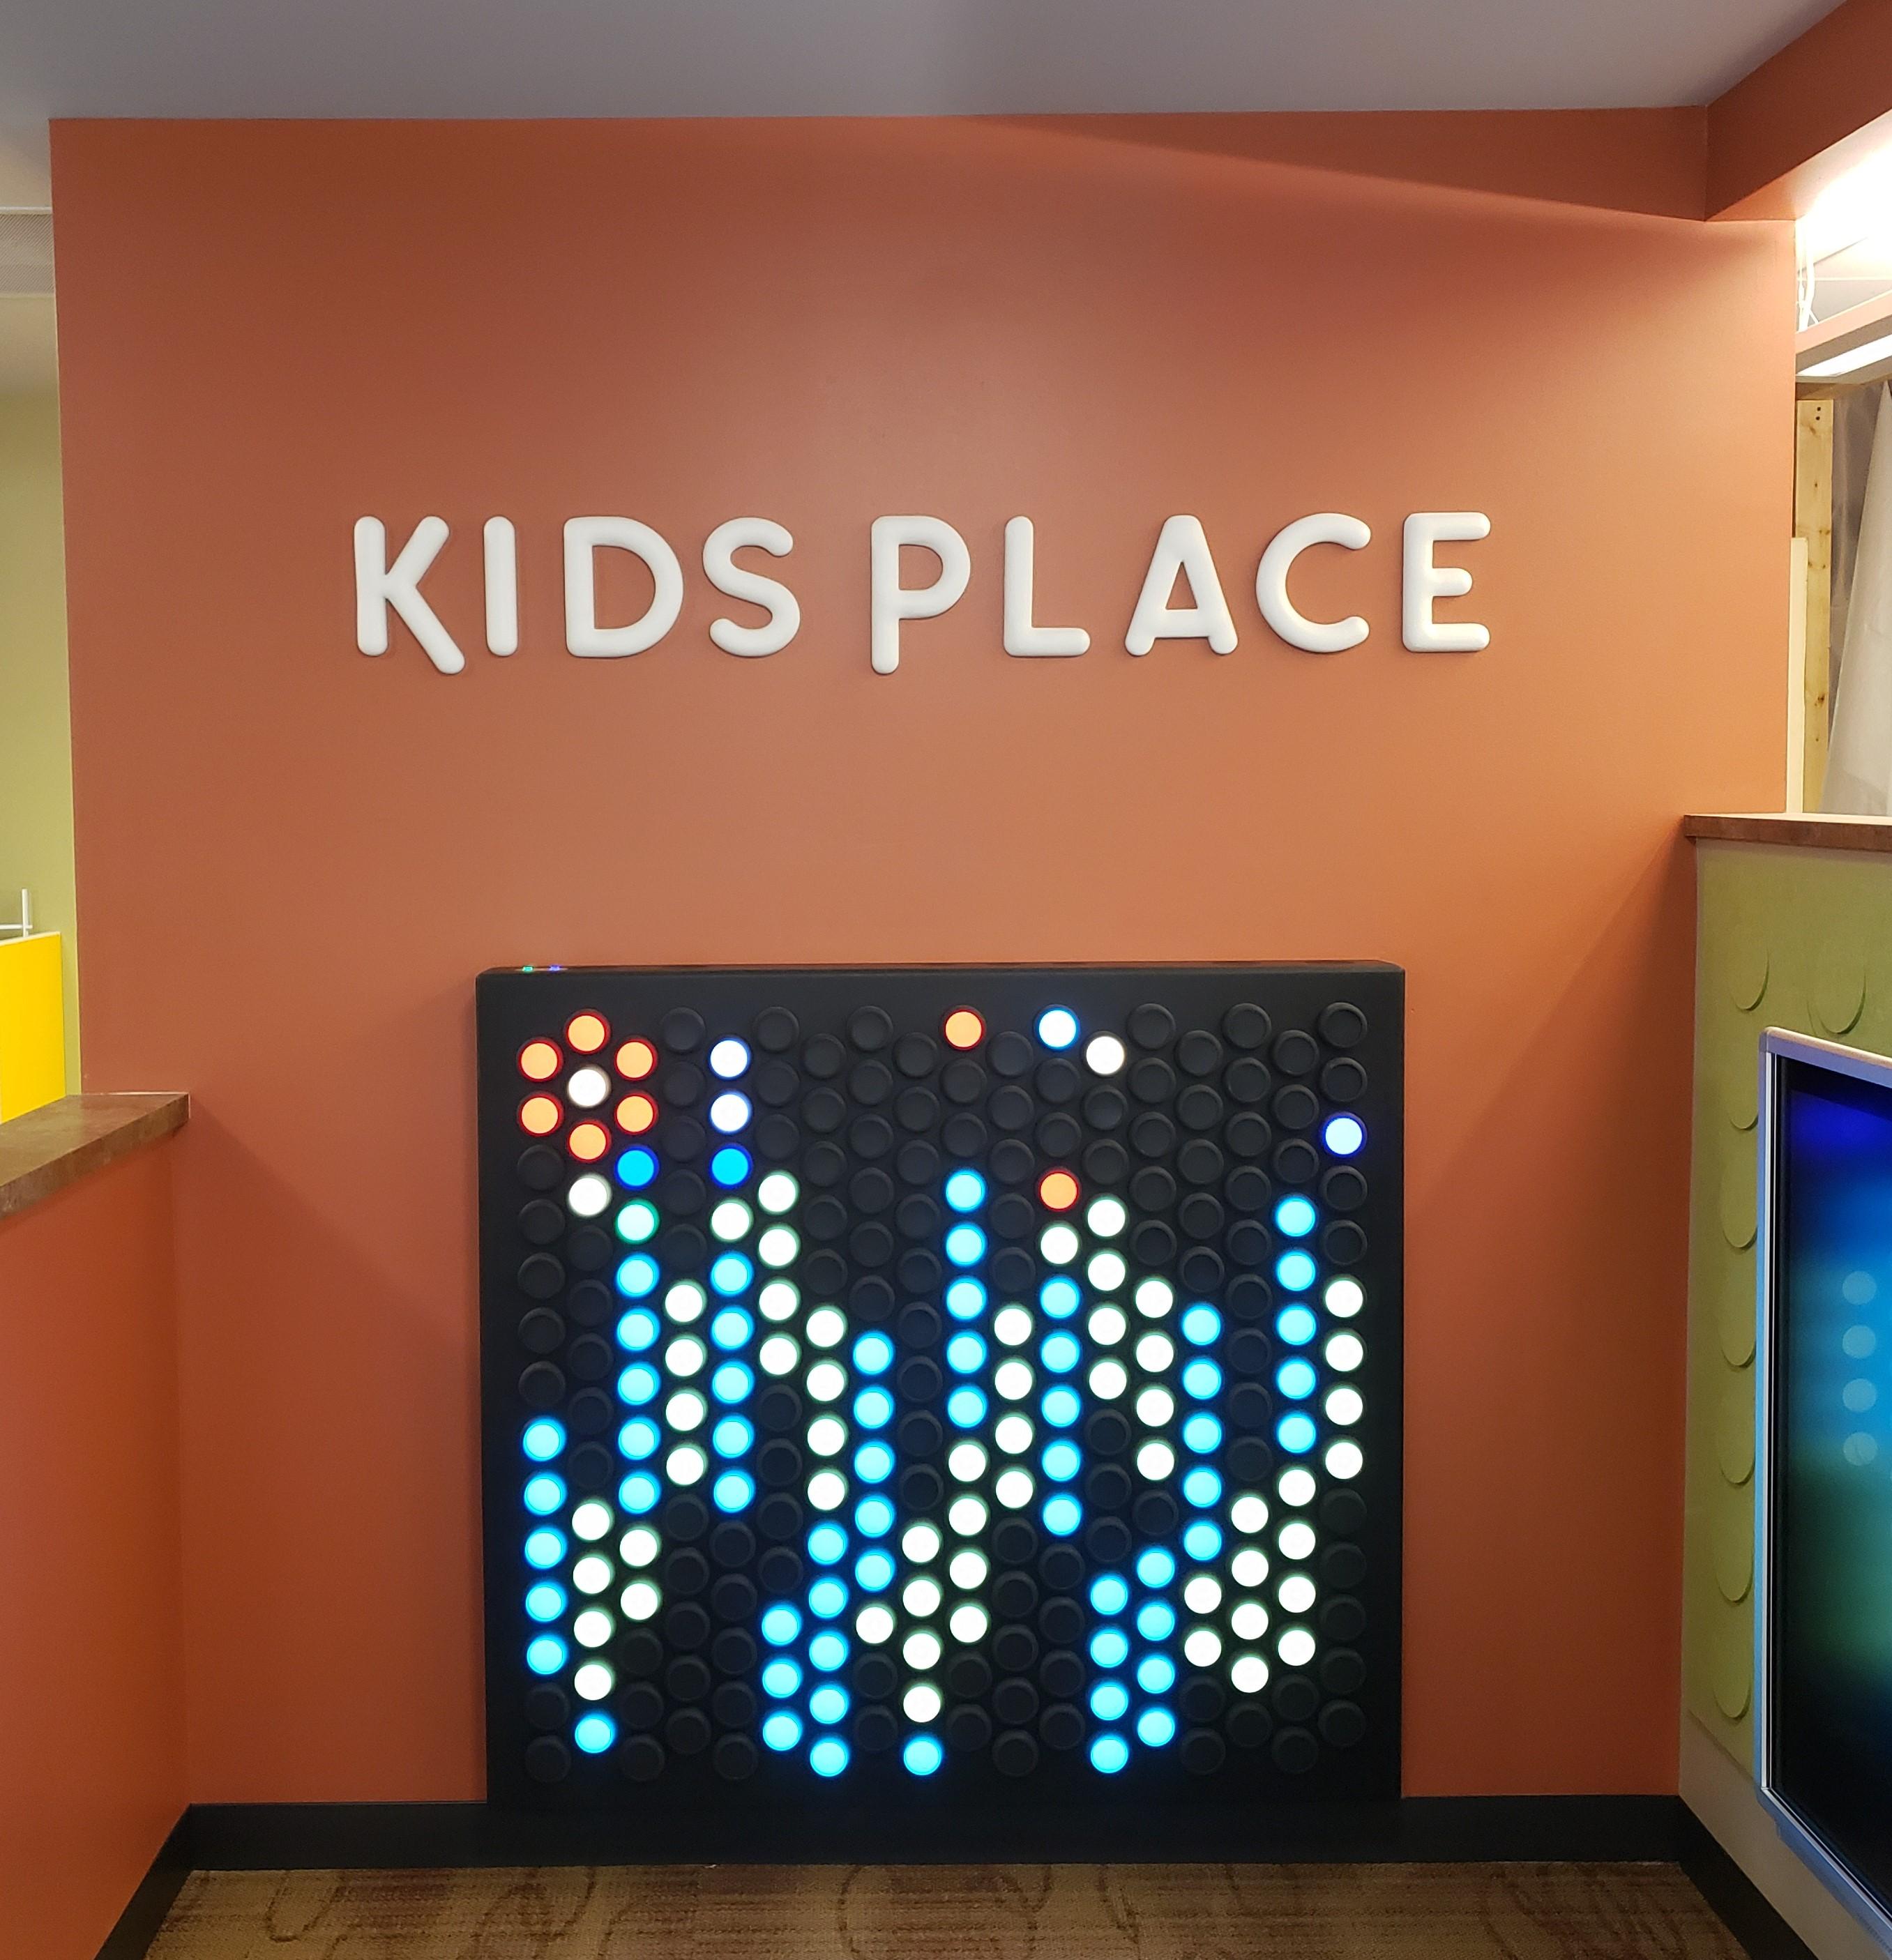 Kids Place Wall